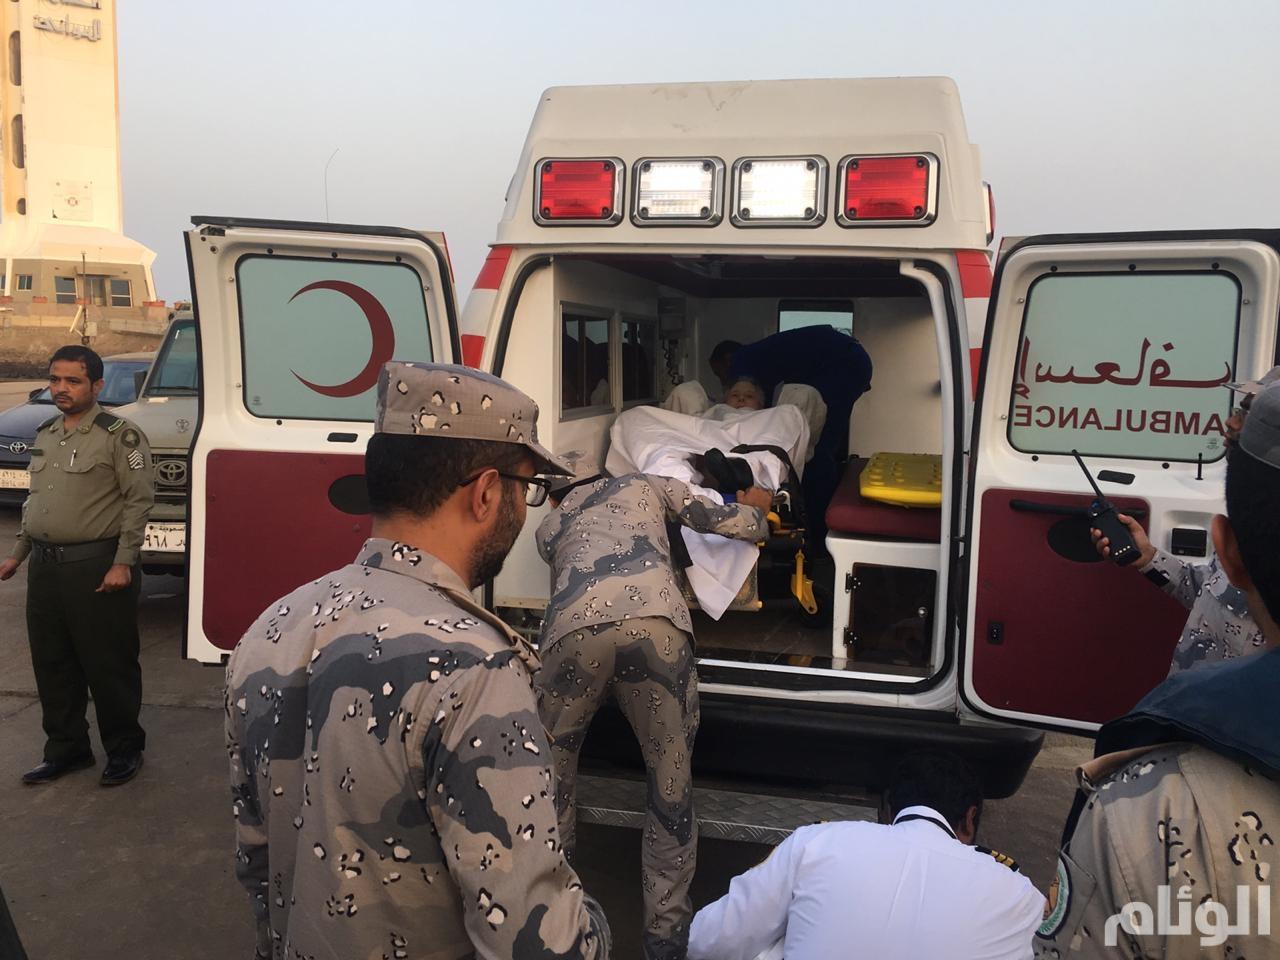 حرس الحدود ينقذ راكبا أمريكيا من على متن سفينة ركاب سياحية في البحر الأحمر